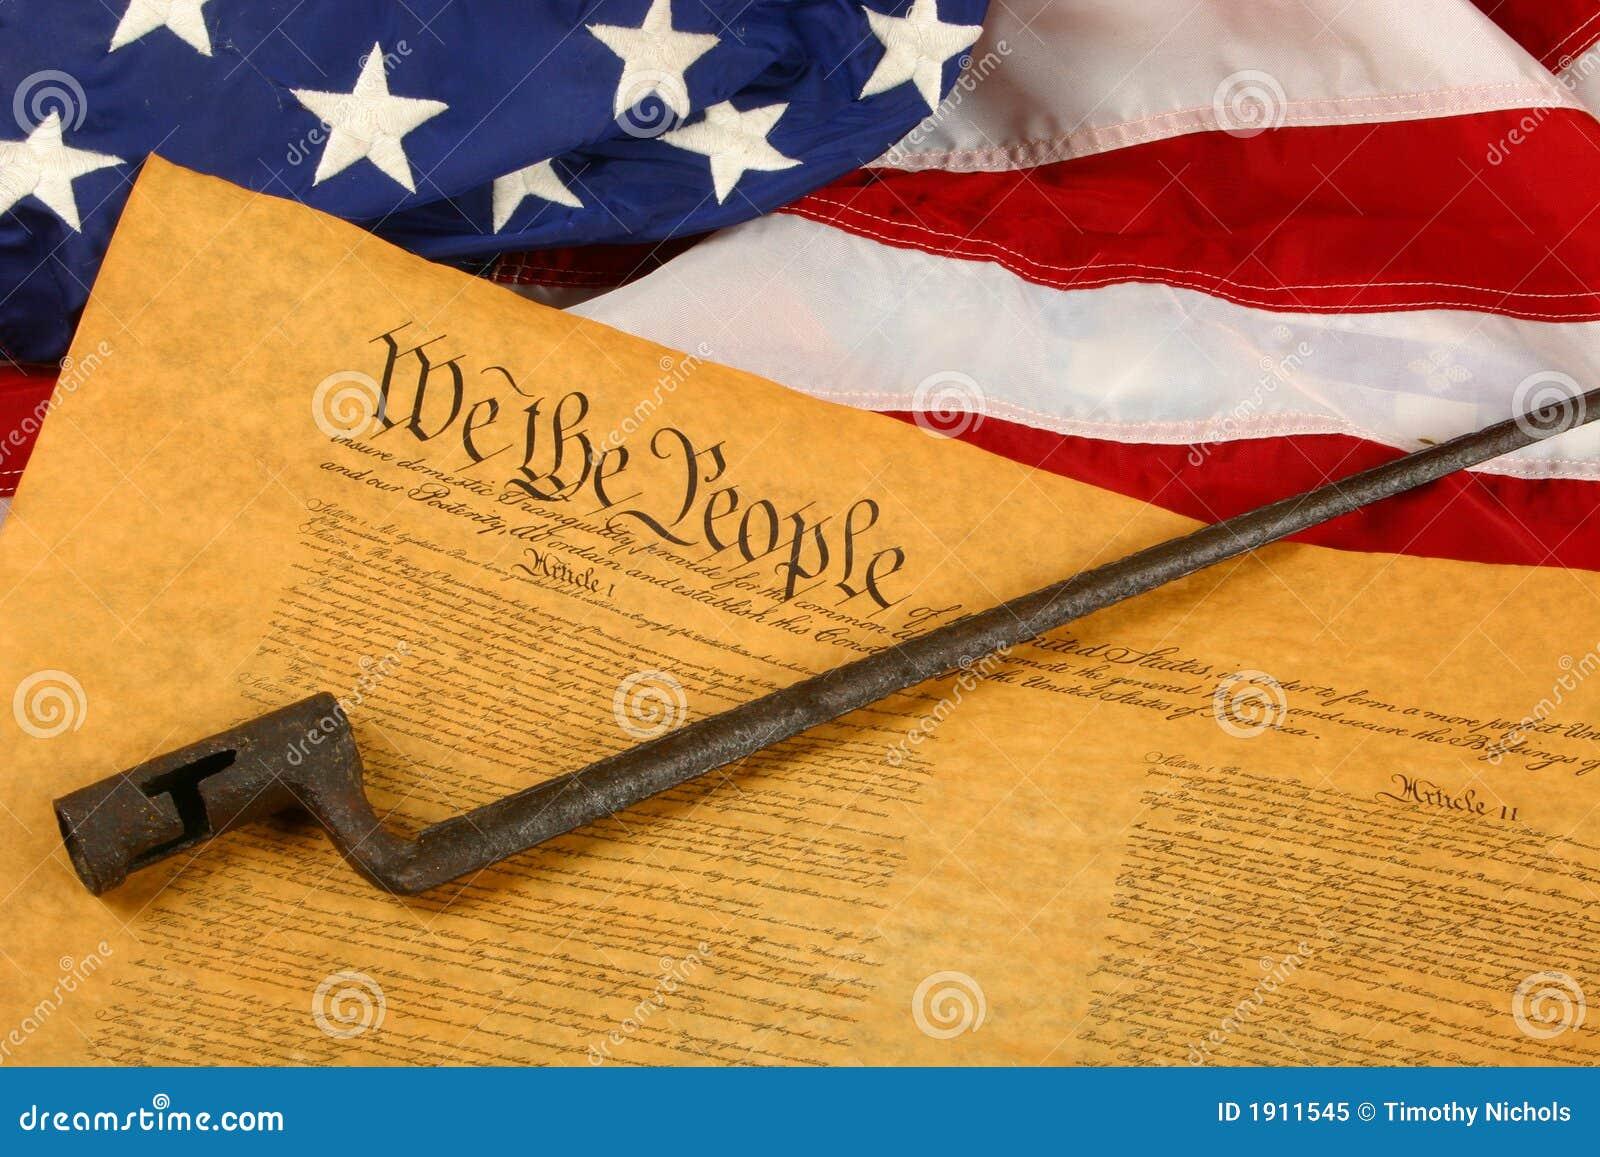 Constituição de Estados Unidos, baioneta, e bandeira